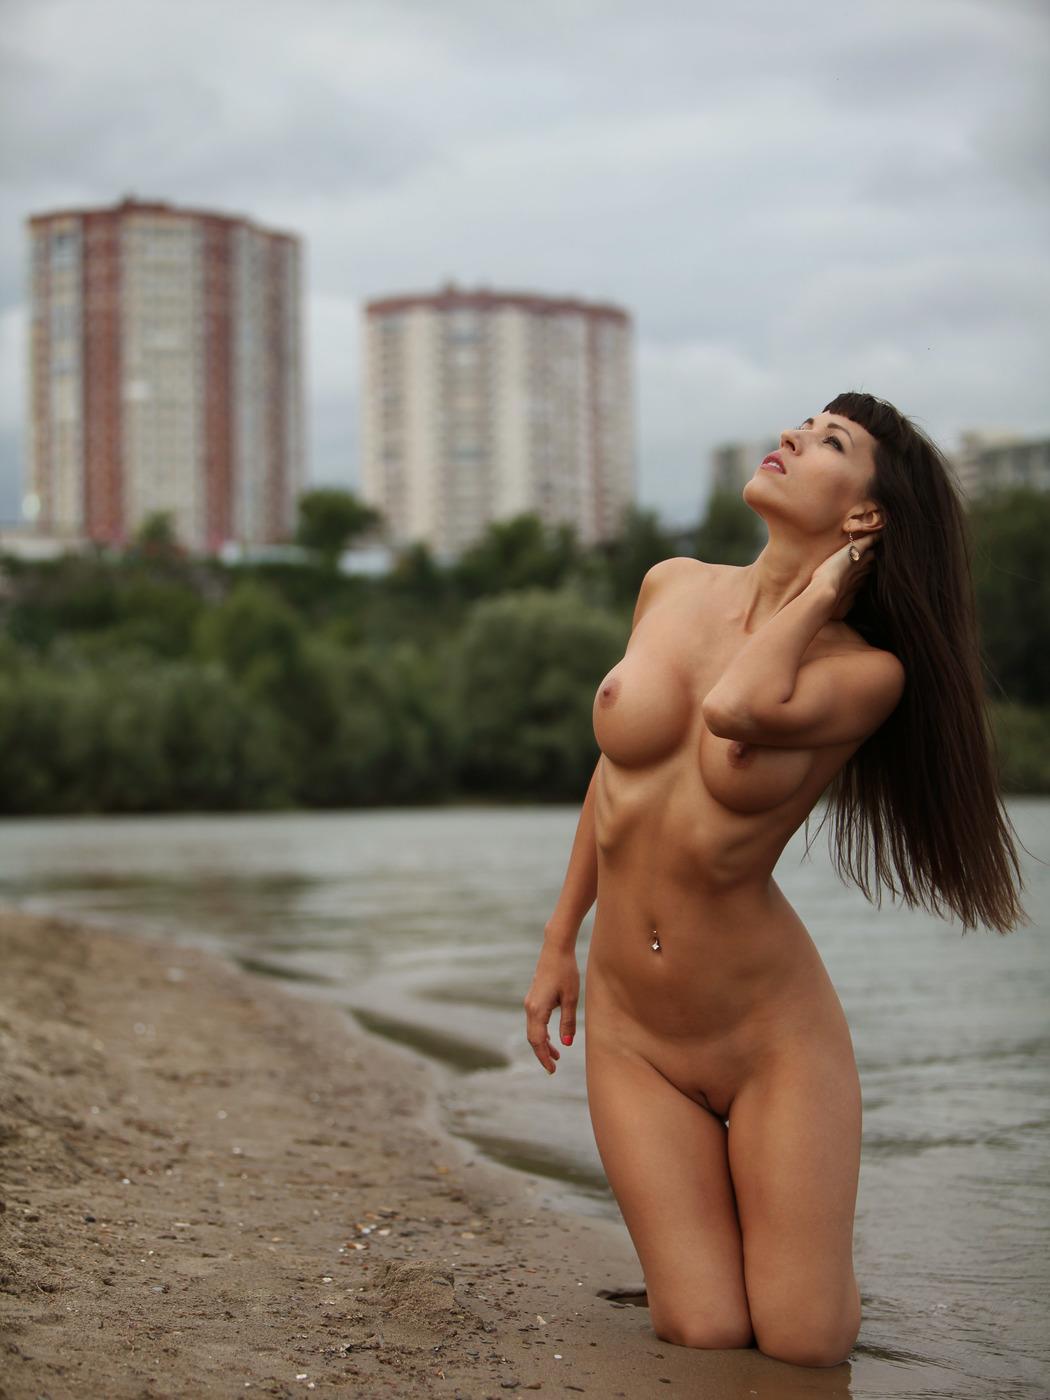 Фото Обнаженных Девушек Из Краснодара